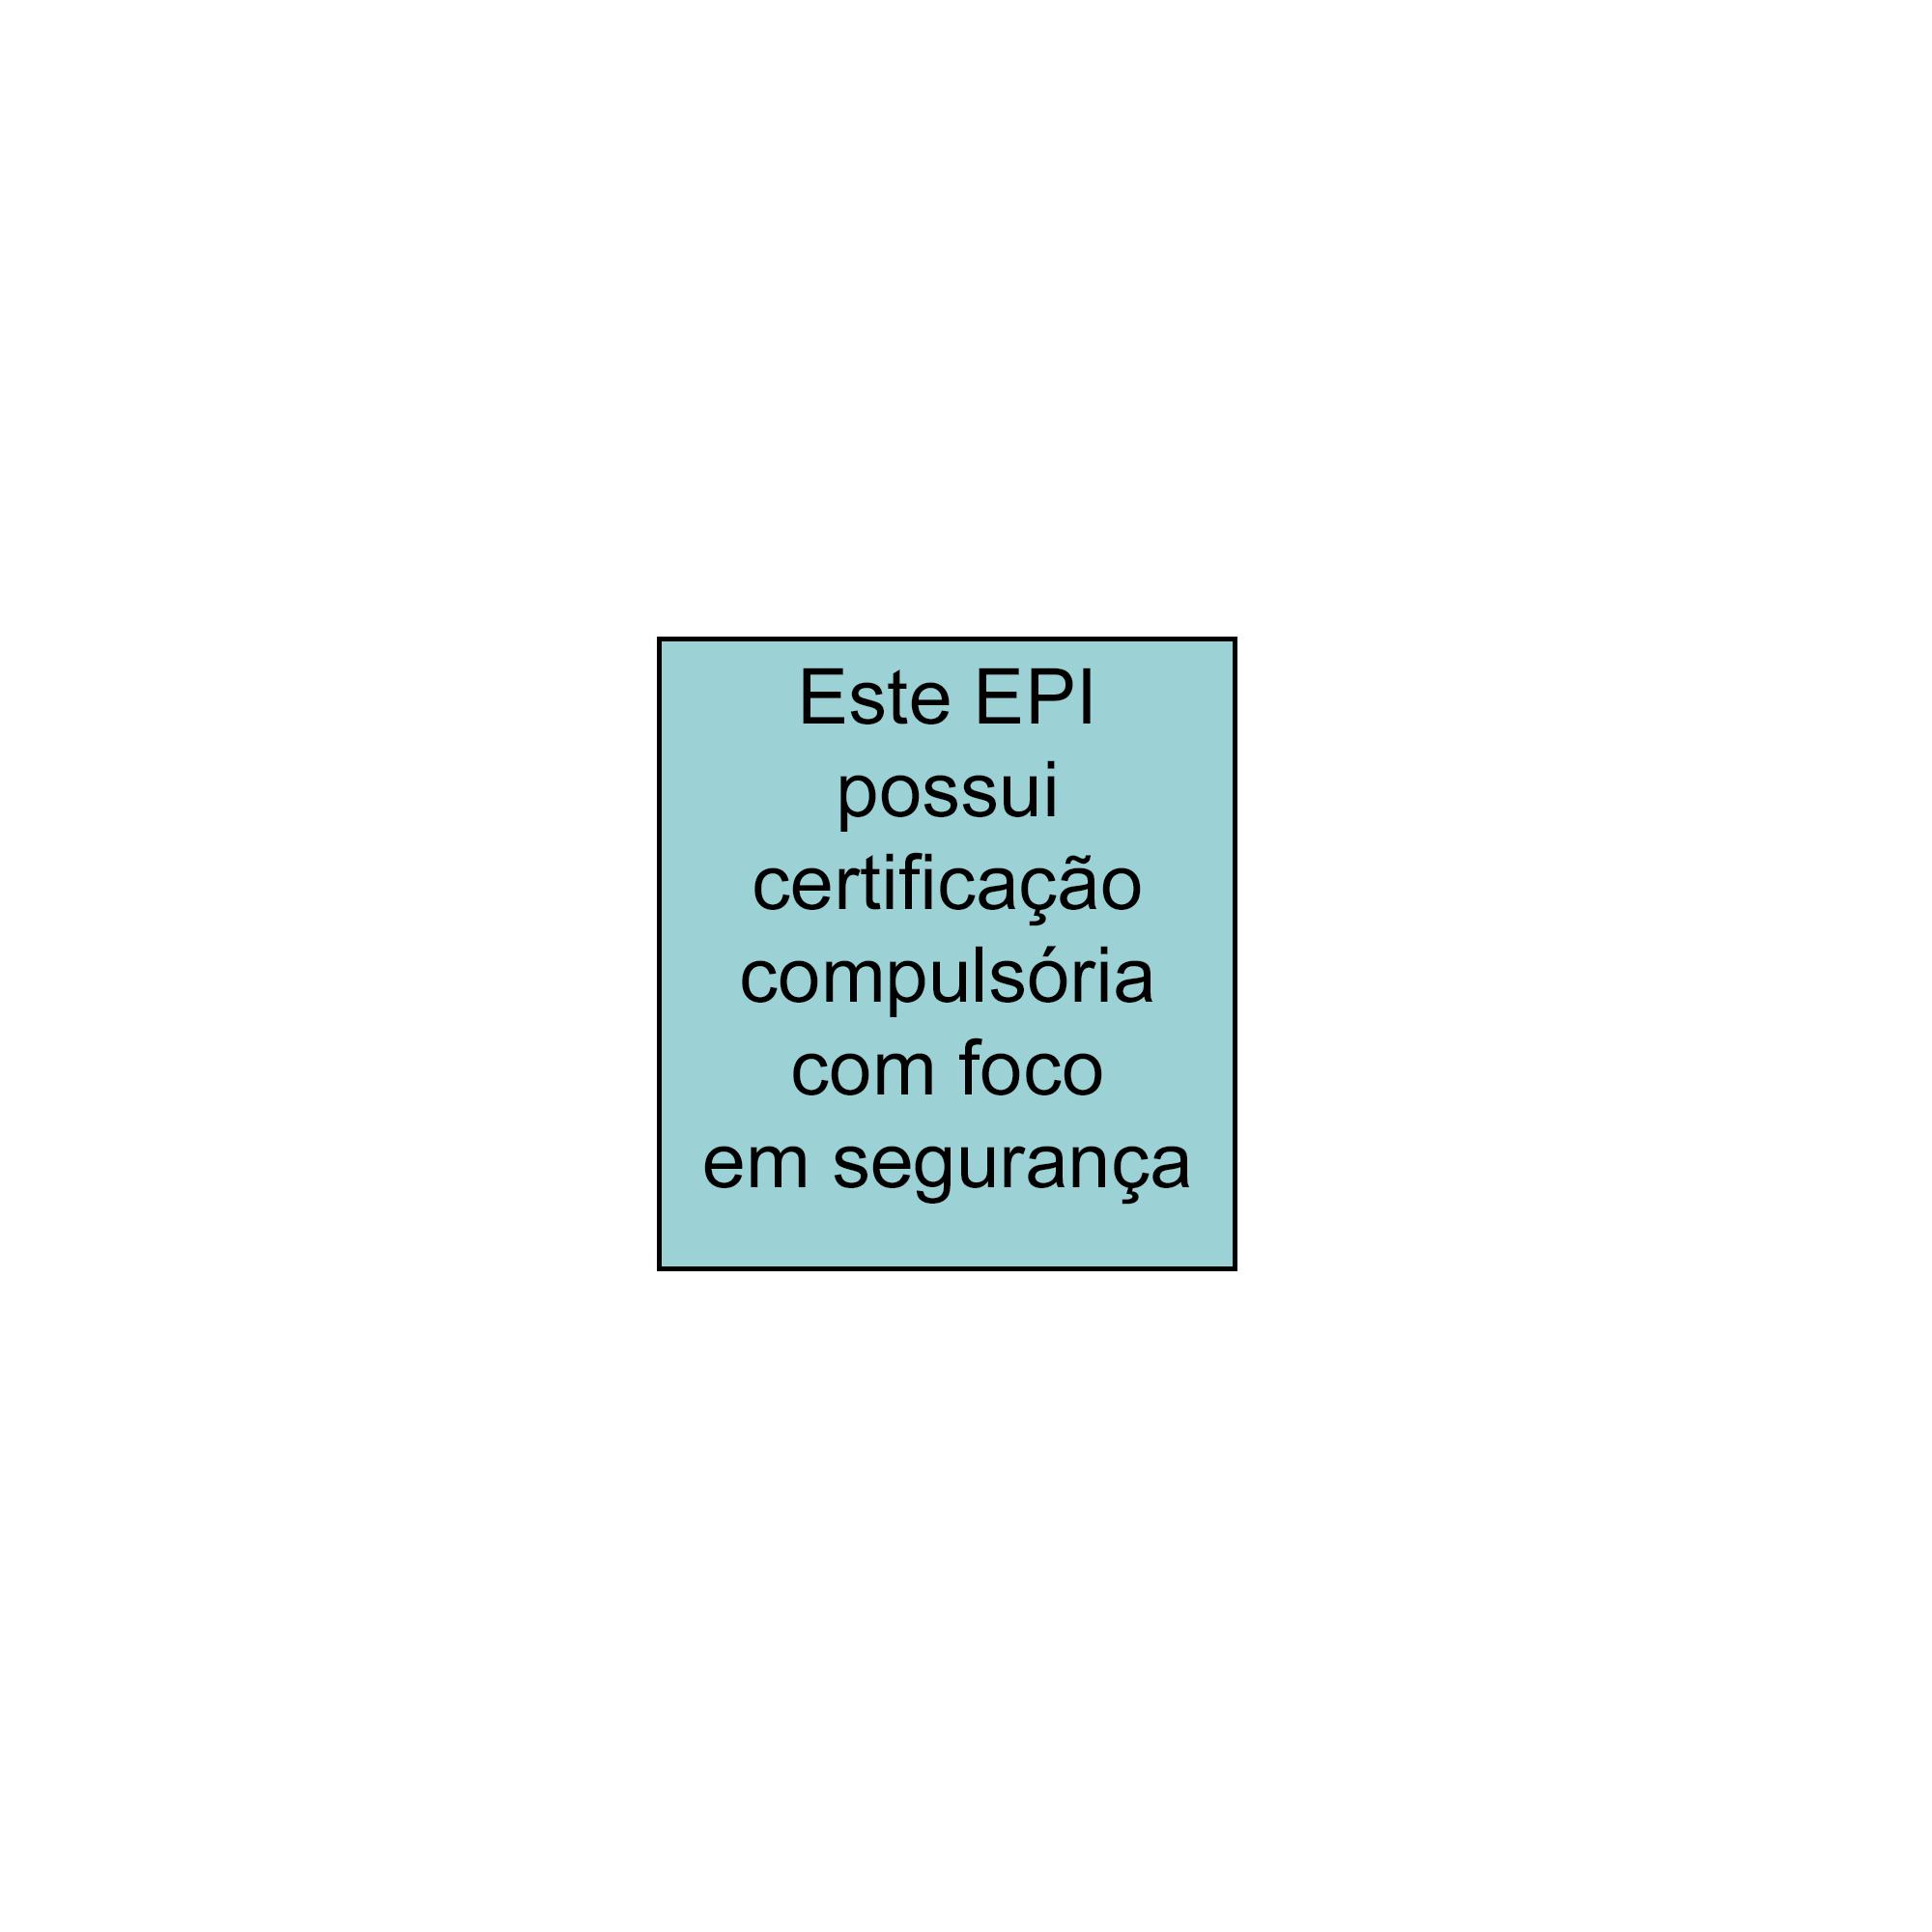 CAPACETE DE SEGURANÇA ABA FRONTAL DELTA PLUS ROSA CHICLETE  - DE PAULA EPIS